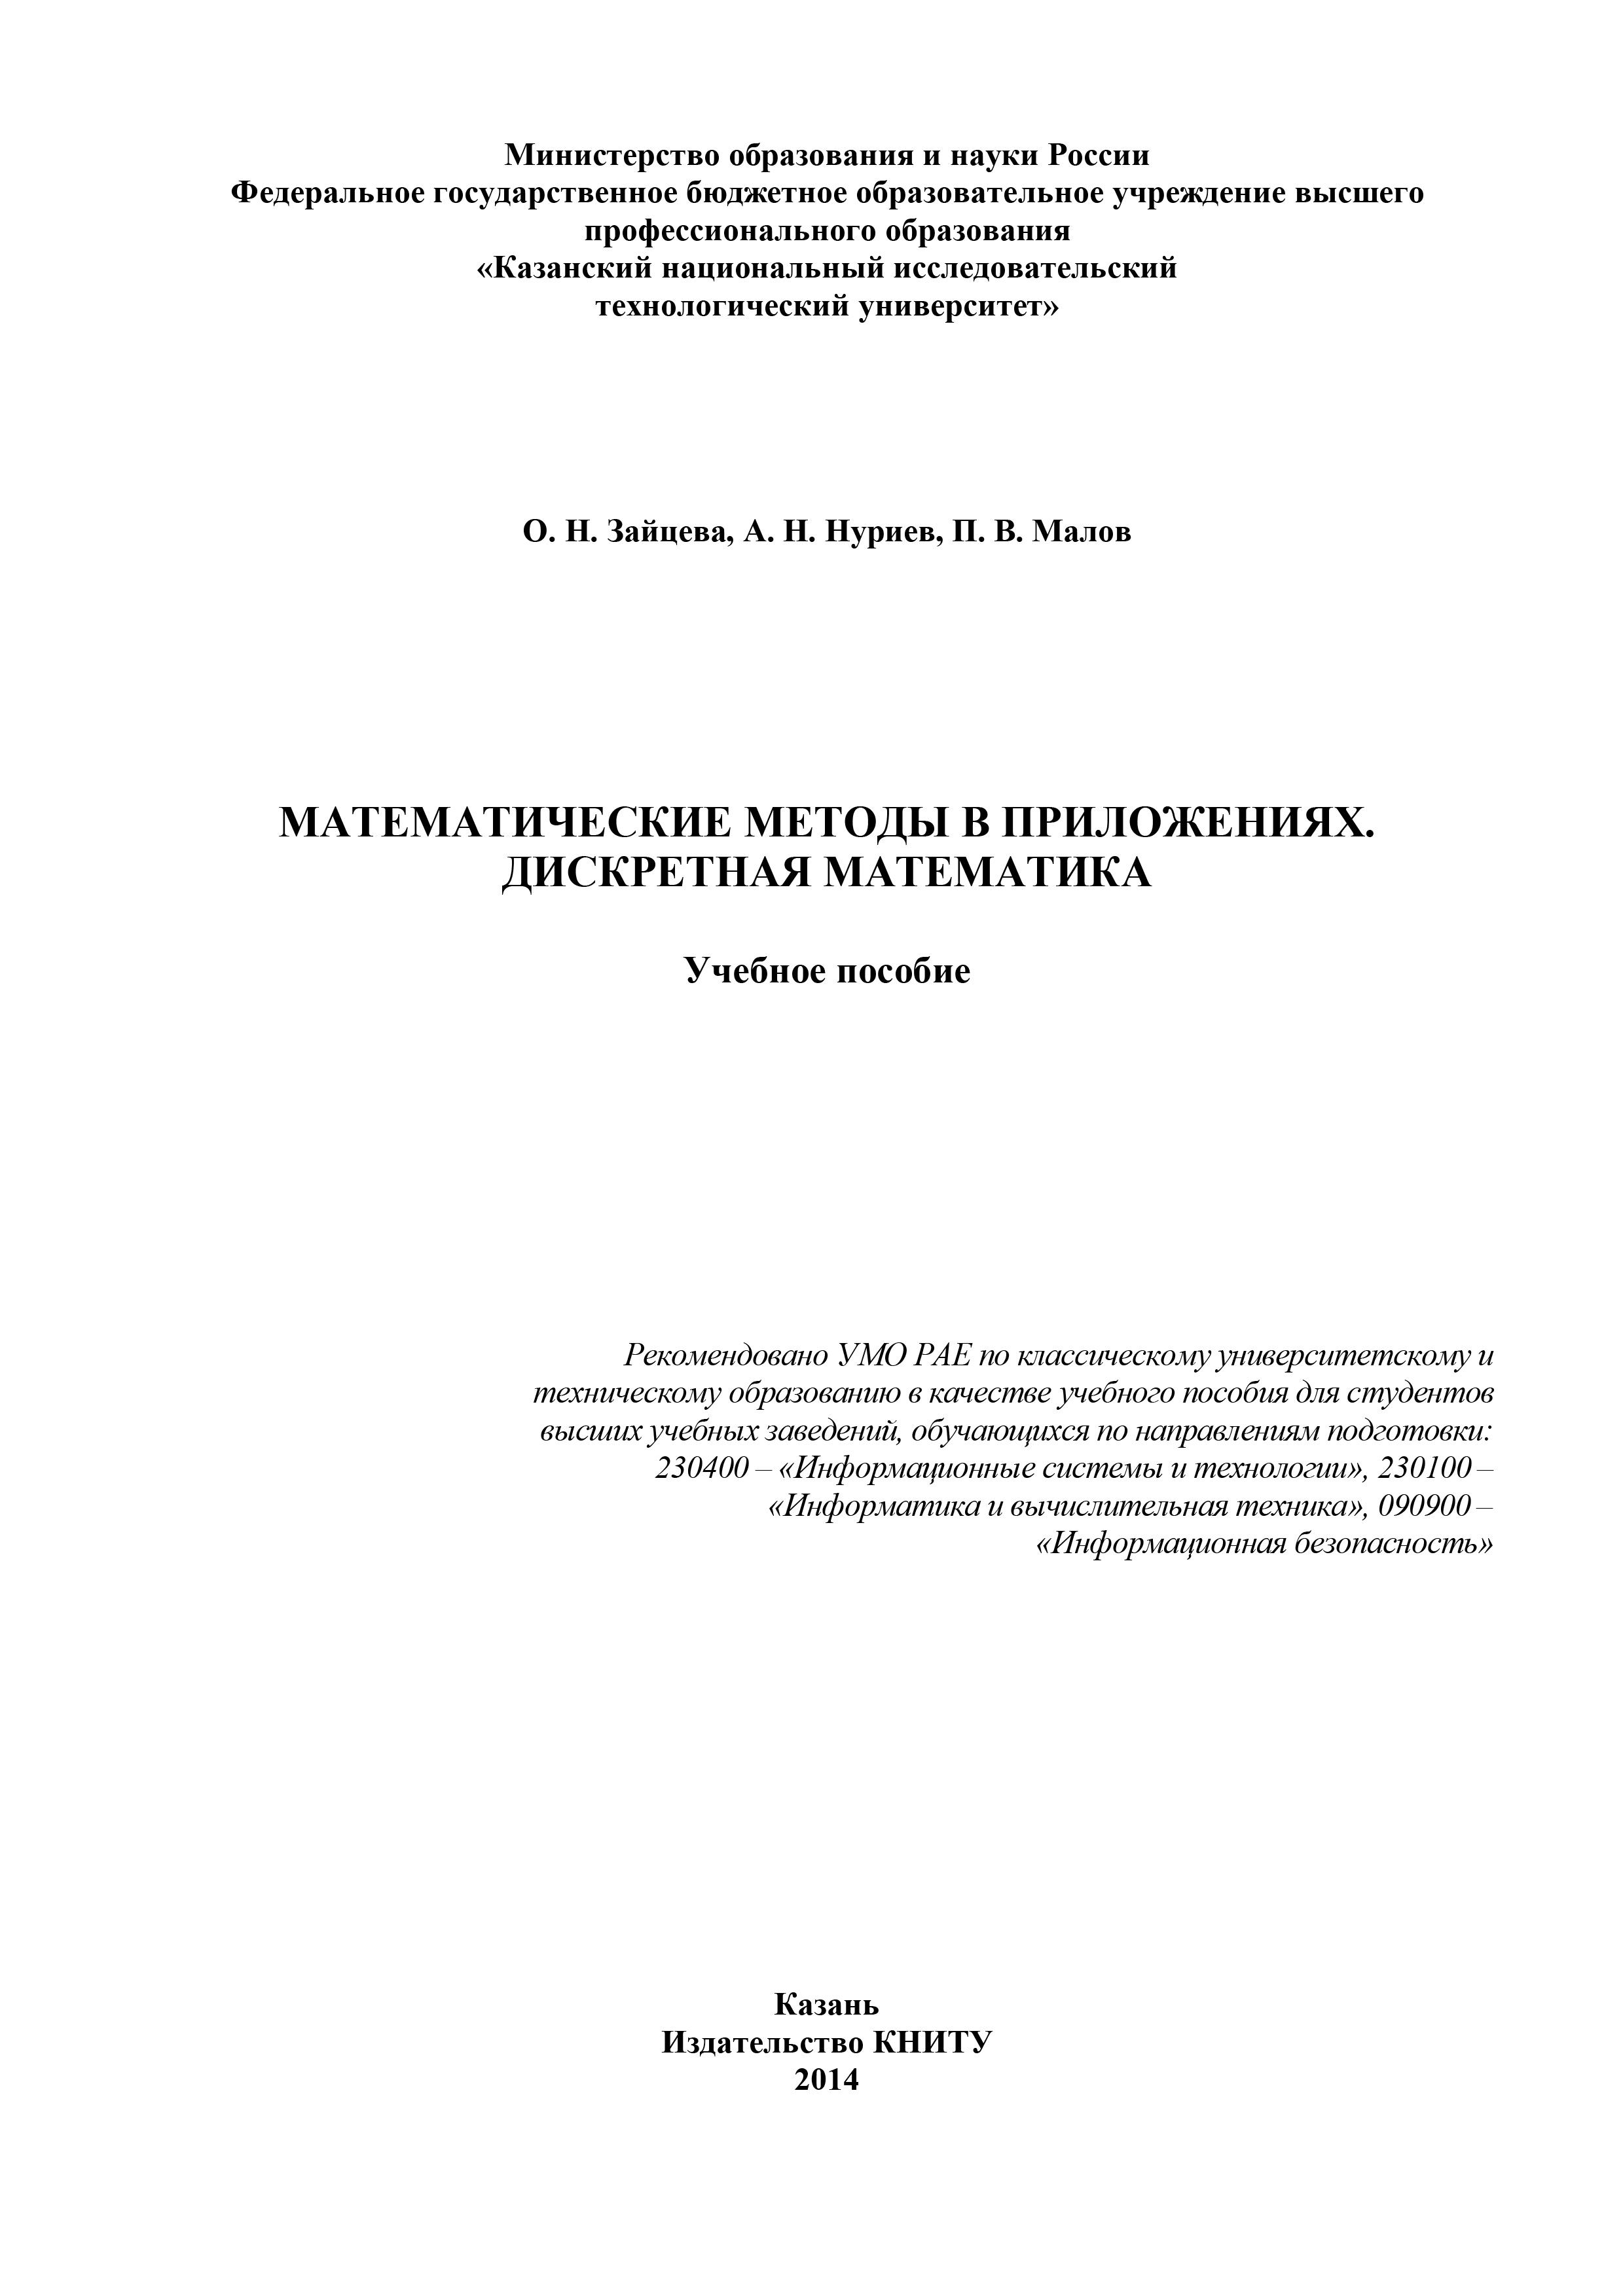 Математические методы в приложениях. Дискретная математика